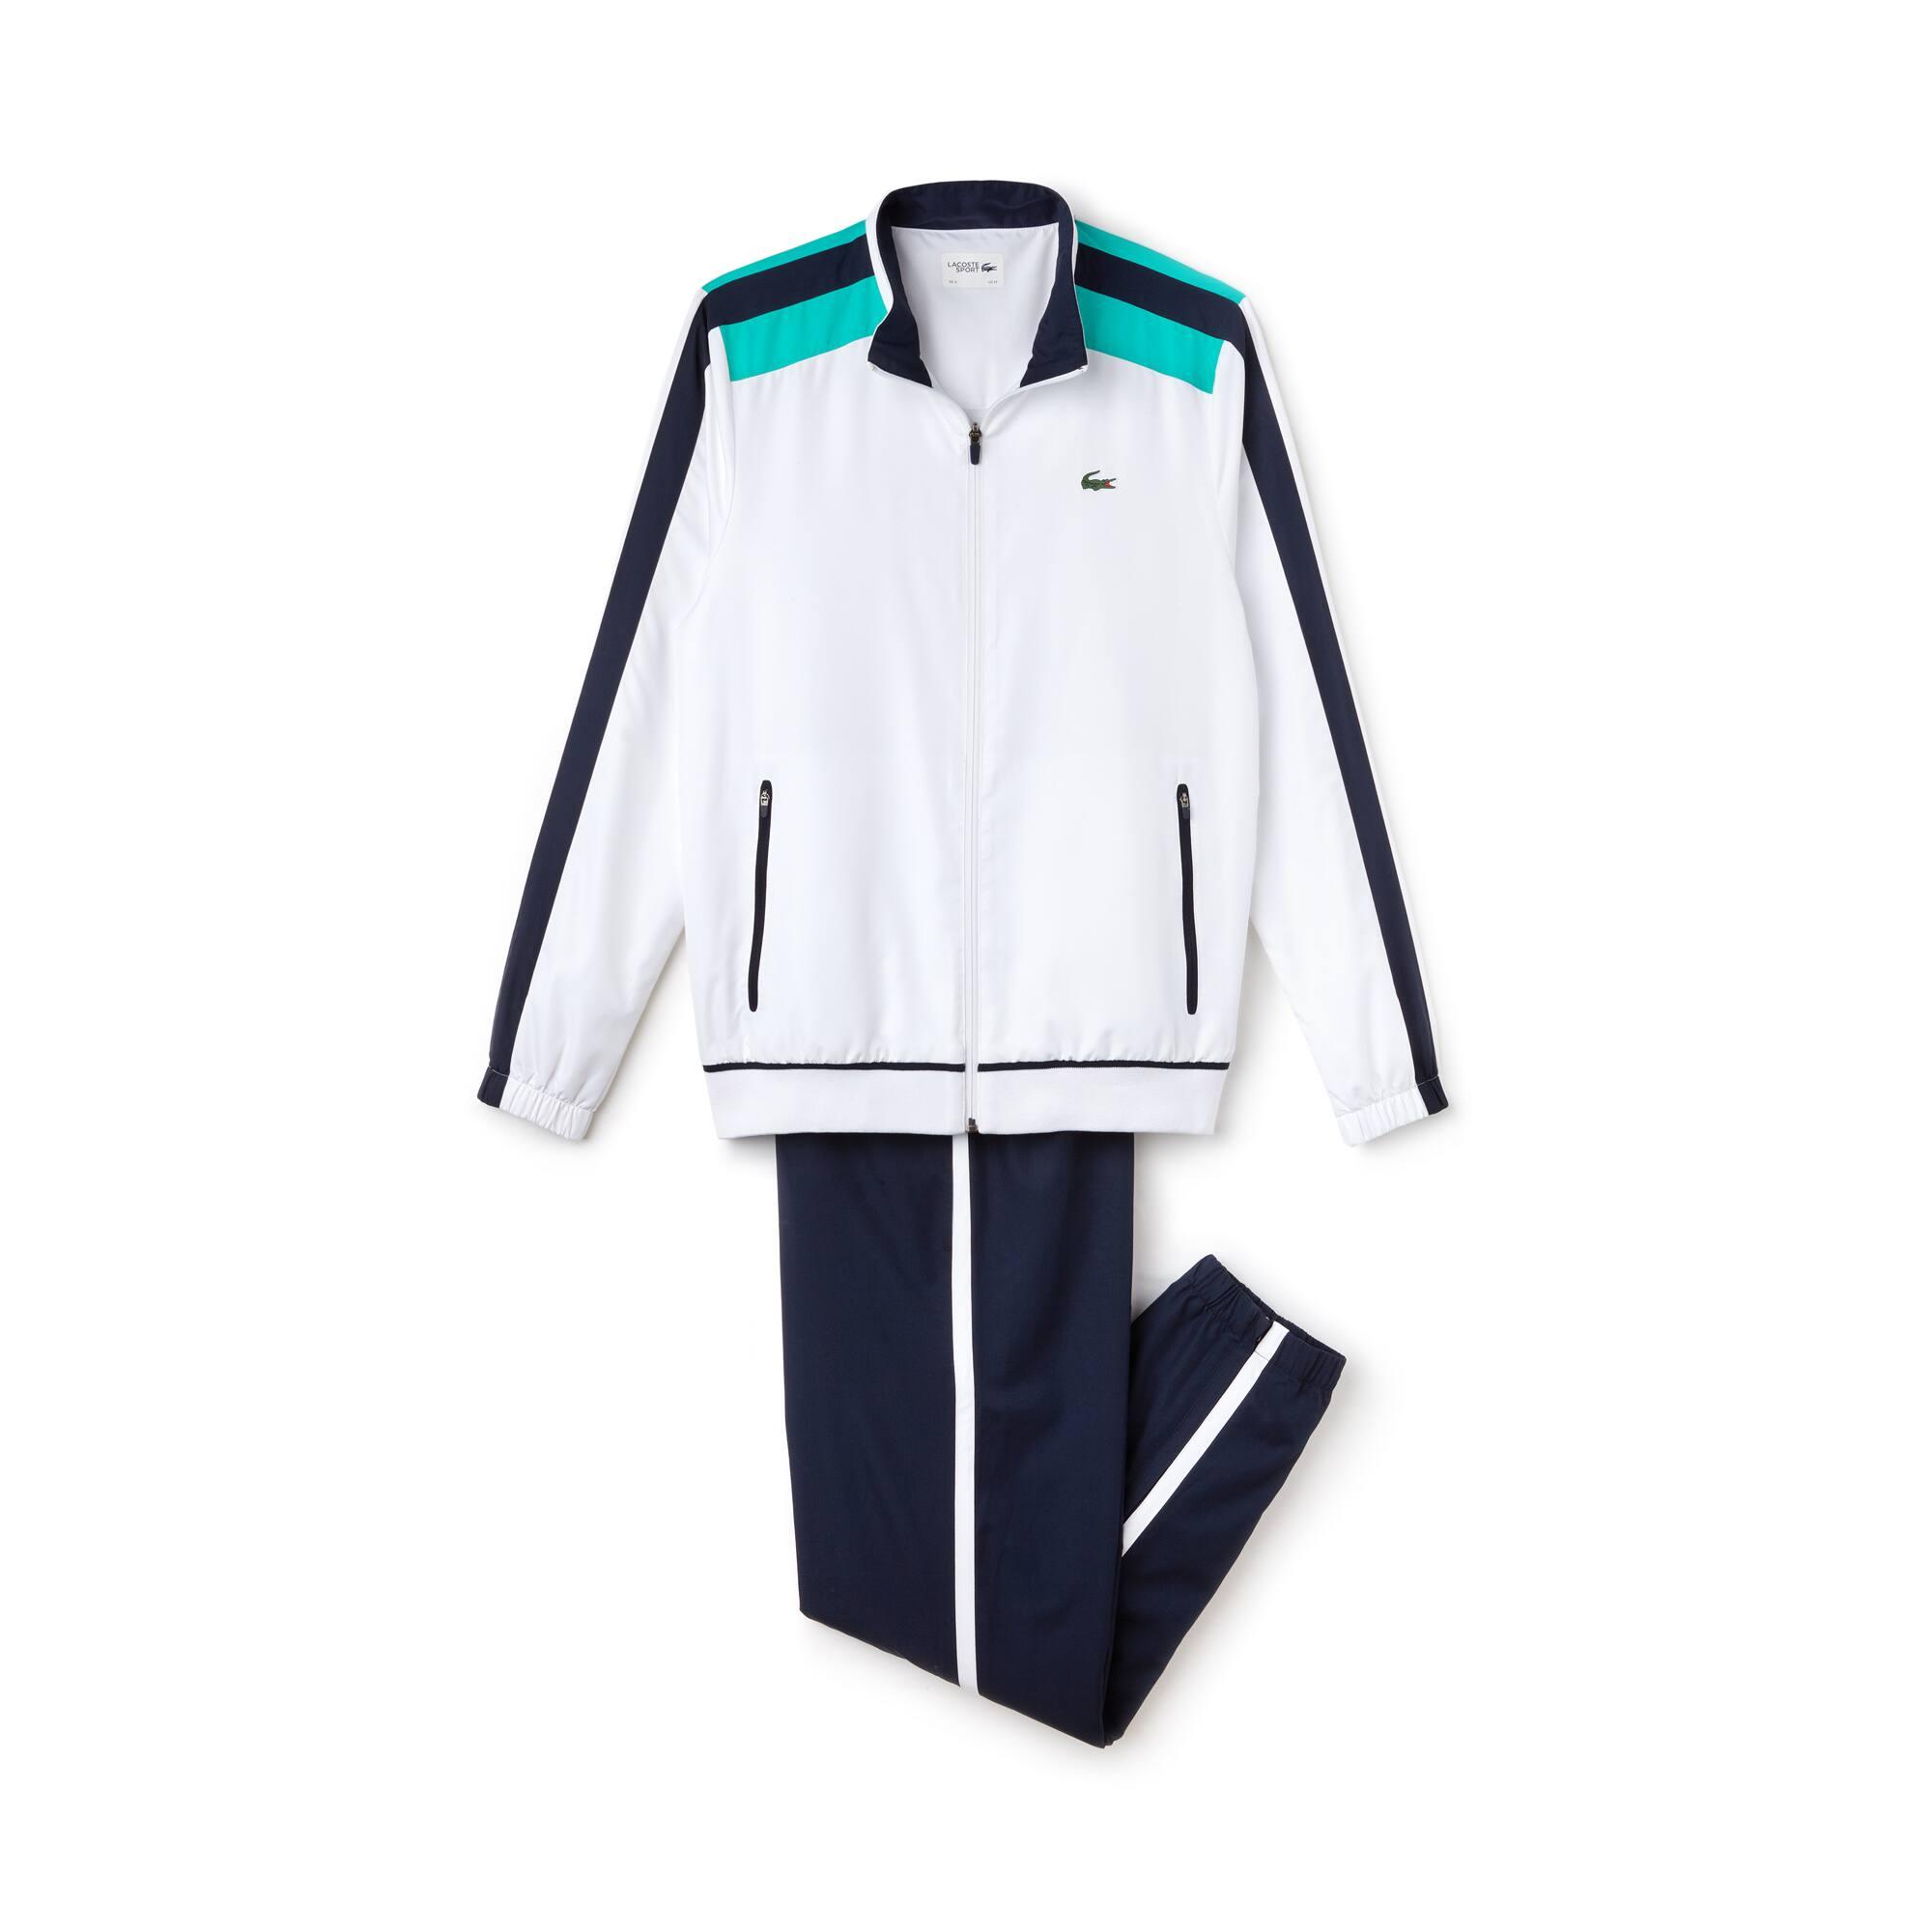 Fato de treino Tennis Lacoste SPORT em tafetá com faixas a contrastar